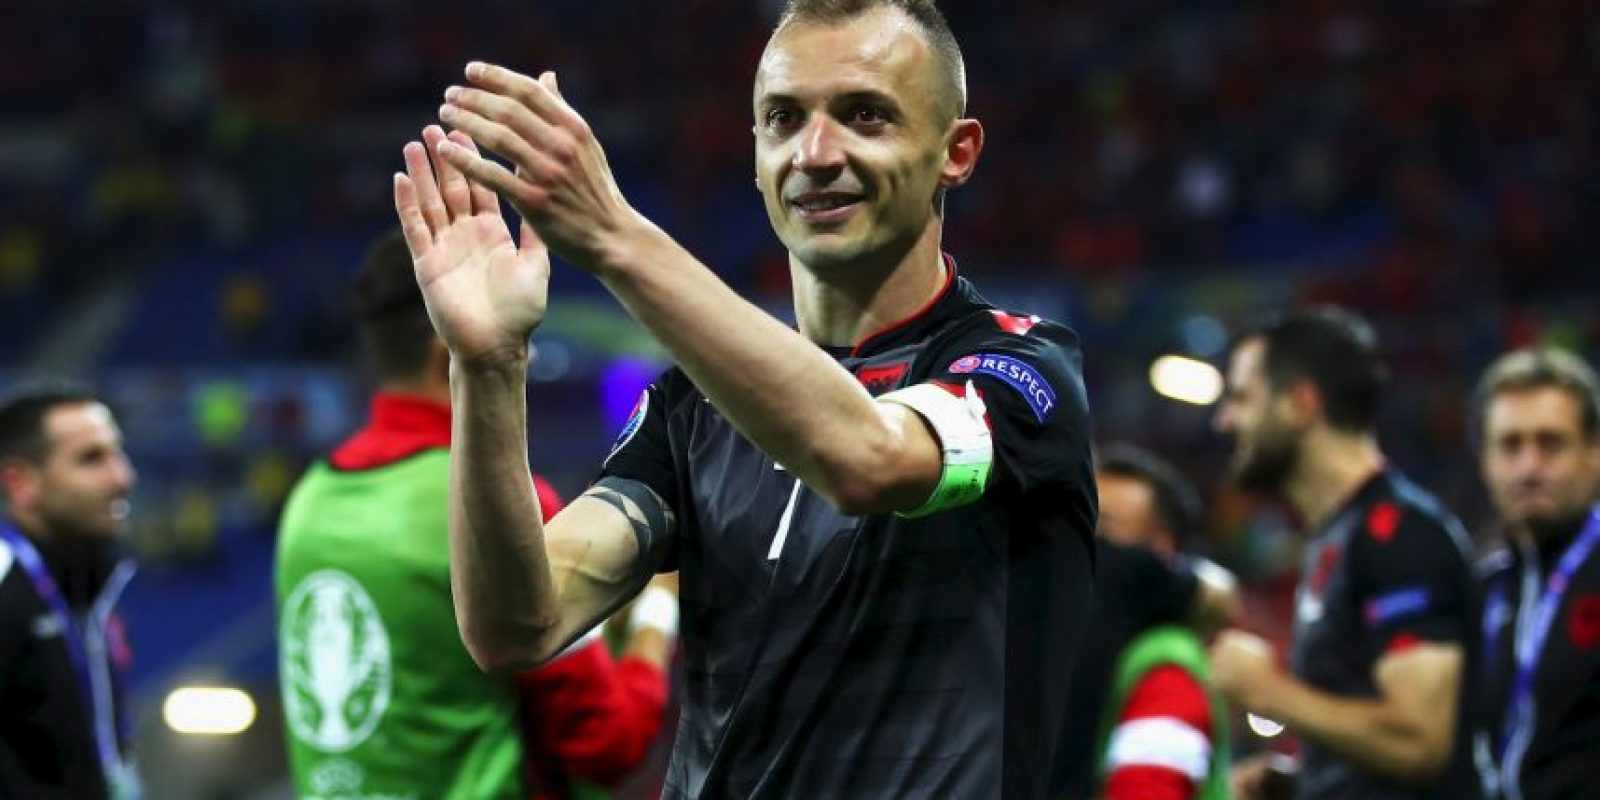 Albania debutaba en una Eurocopa en Francia y consiguió su primera victoria tras vencer a Rumania Foto:Getty Images